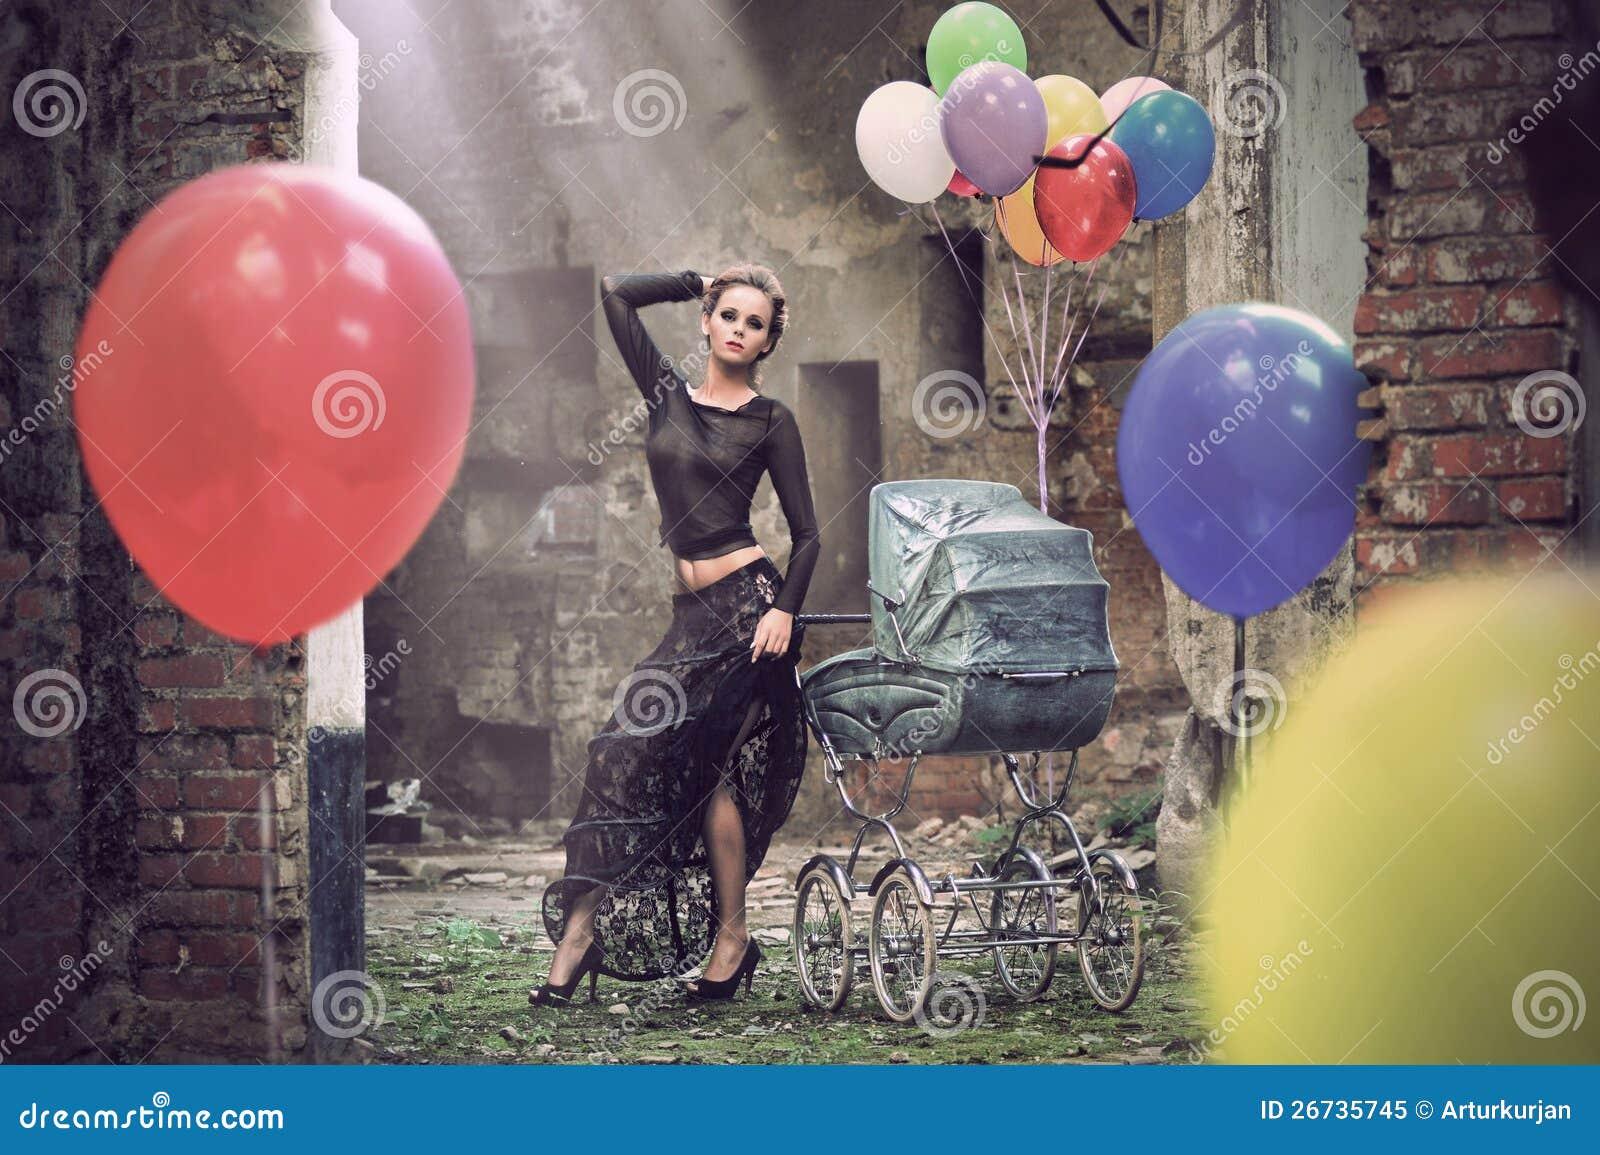 有气球和婴儿车的新性感的妇女